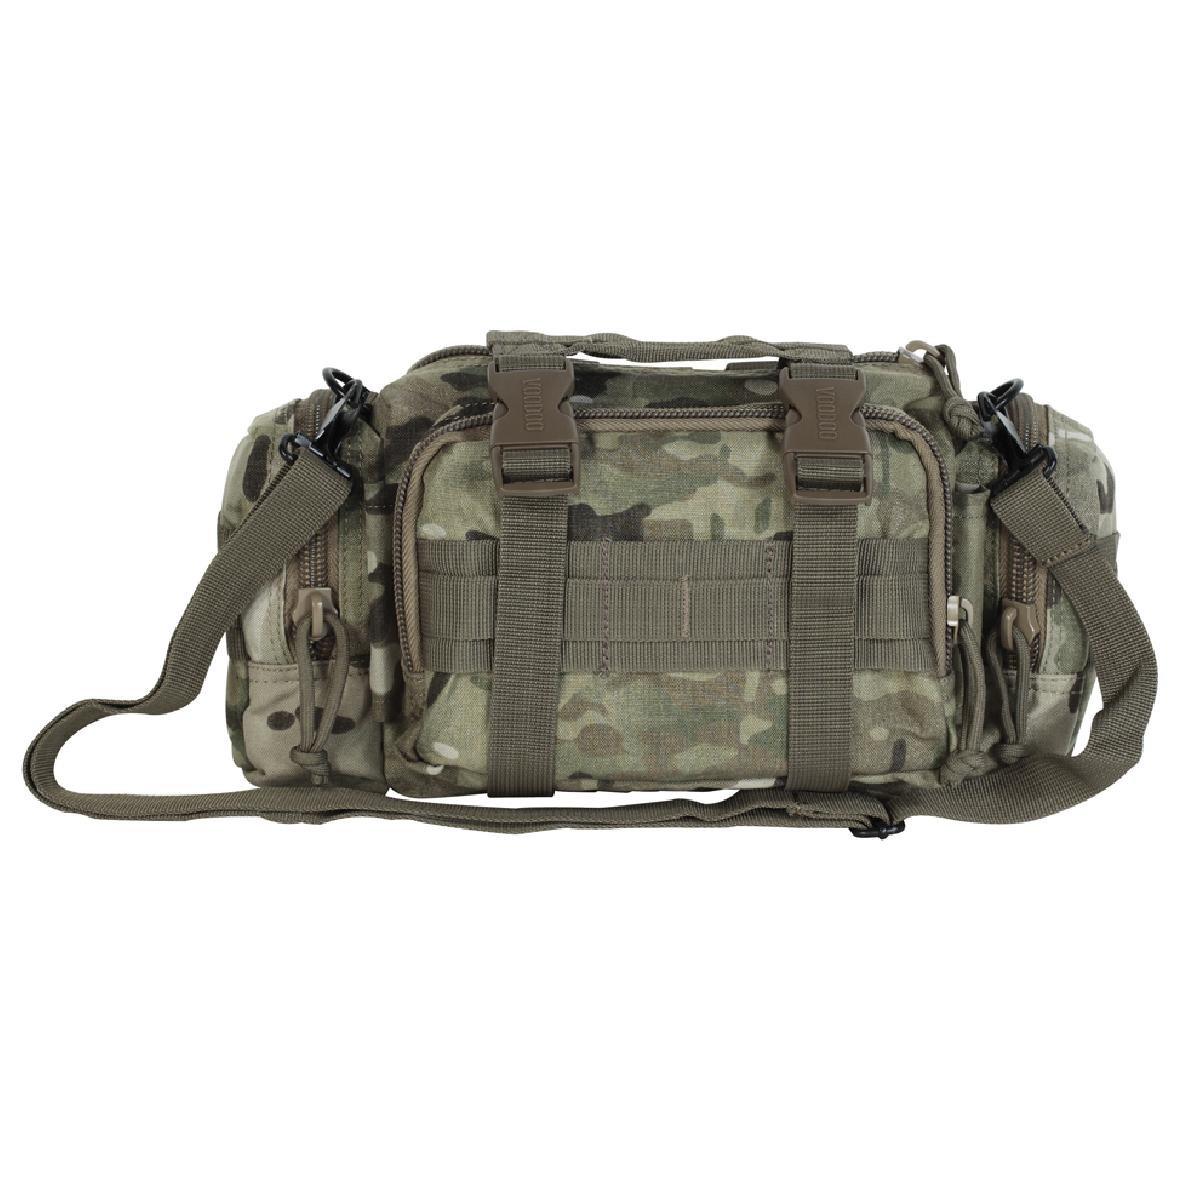 VooDoo Tactical 15-7644001000 Standard 3-Way Deployment Bag, Black